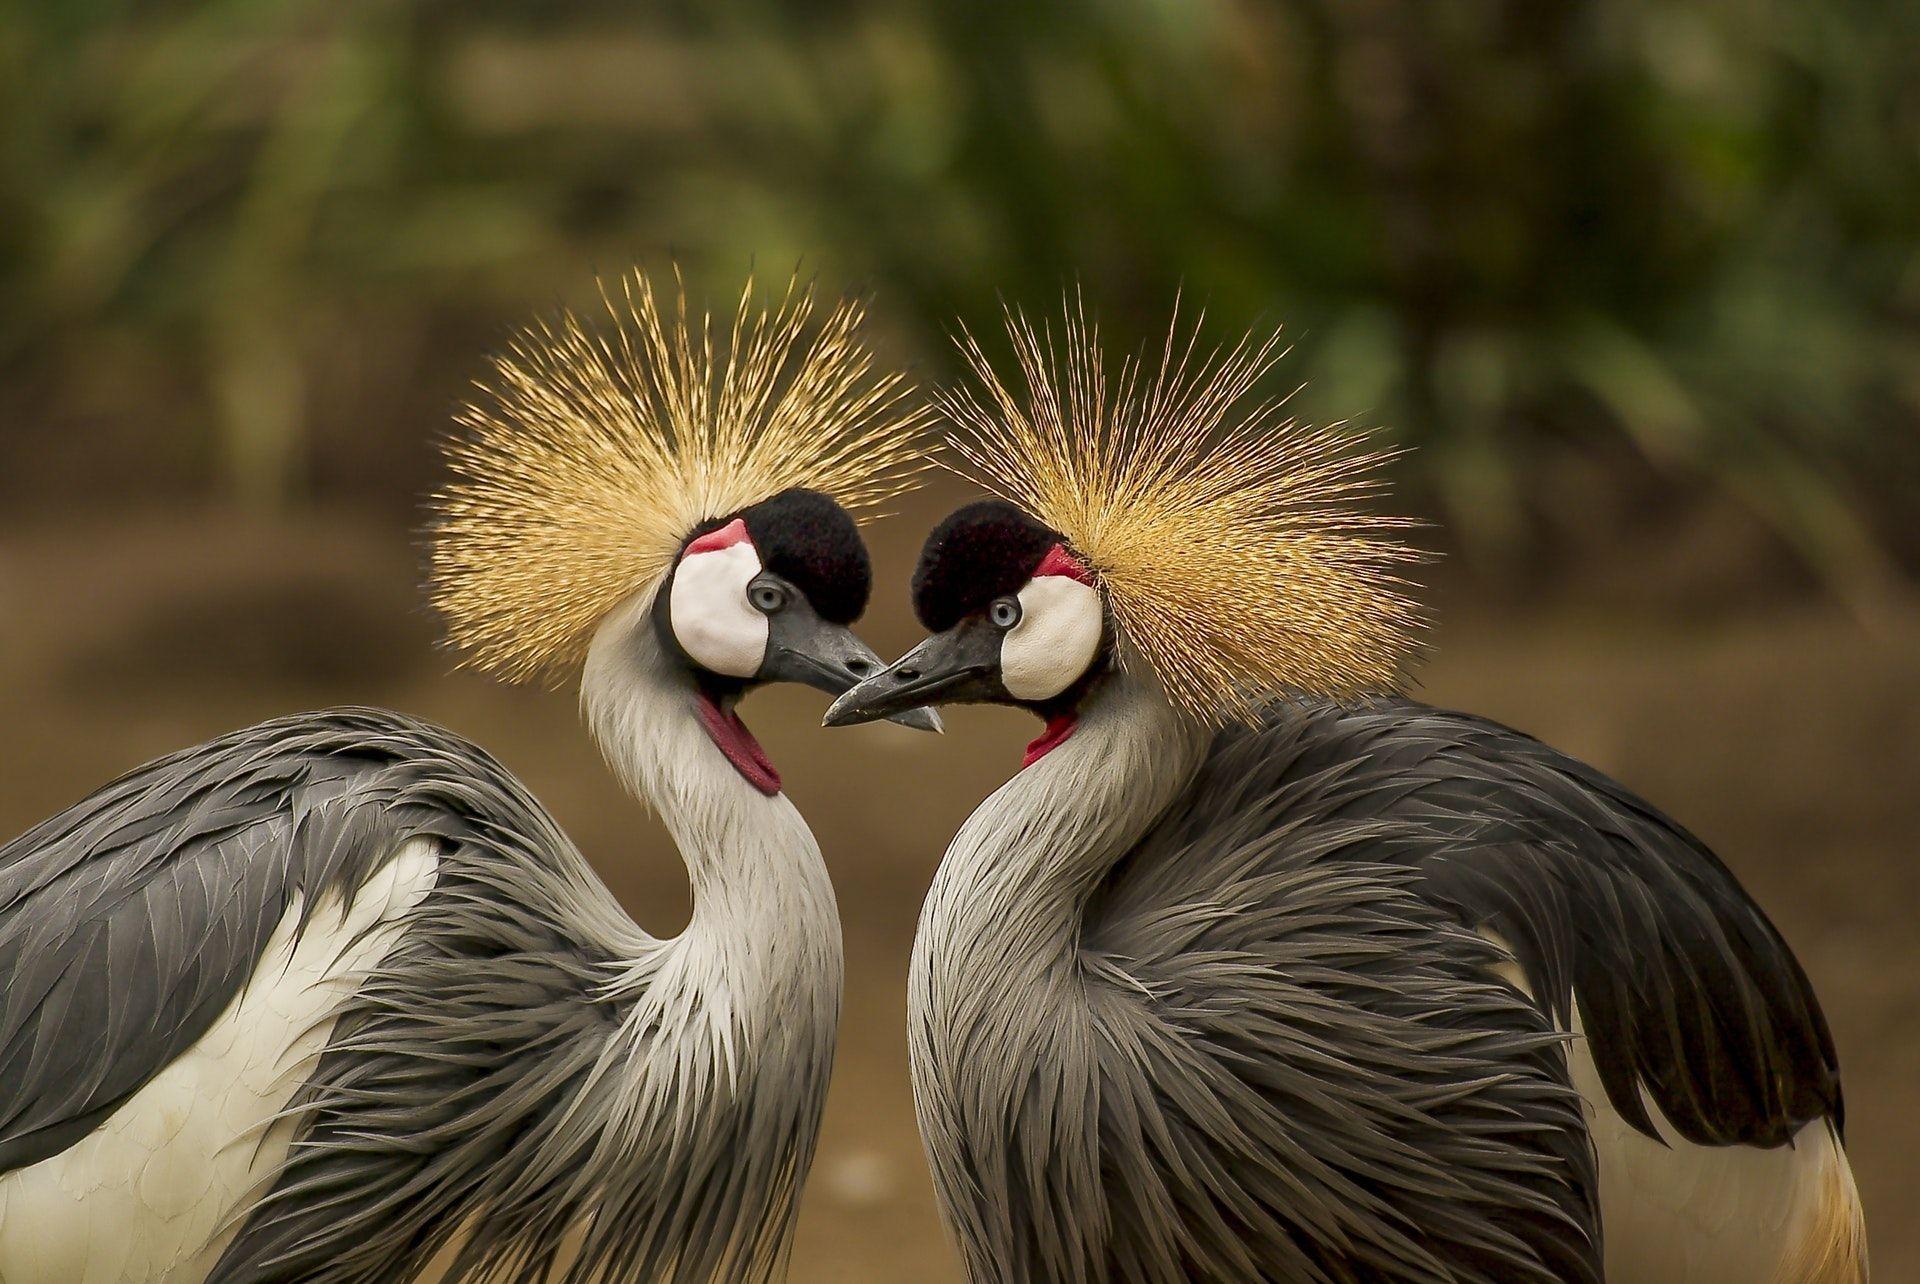 عکس زمینه پرندگان خاکستری و سیاه پس زمینه